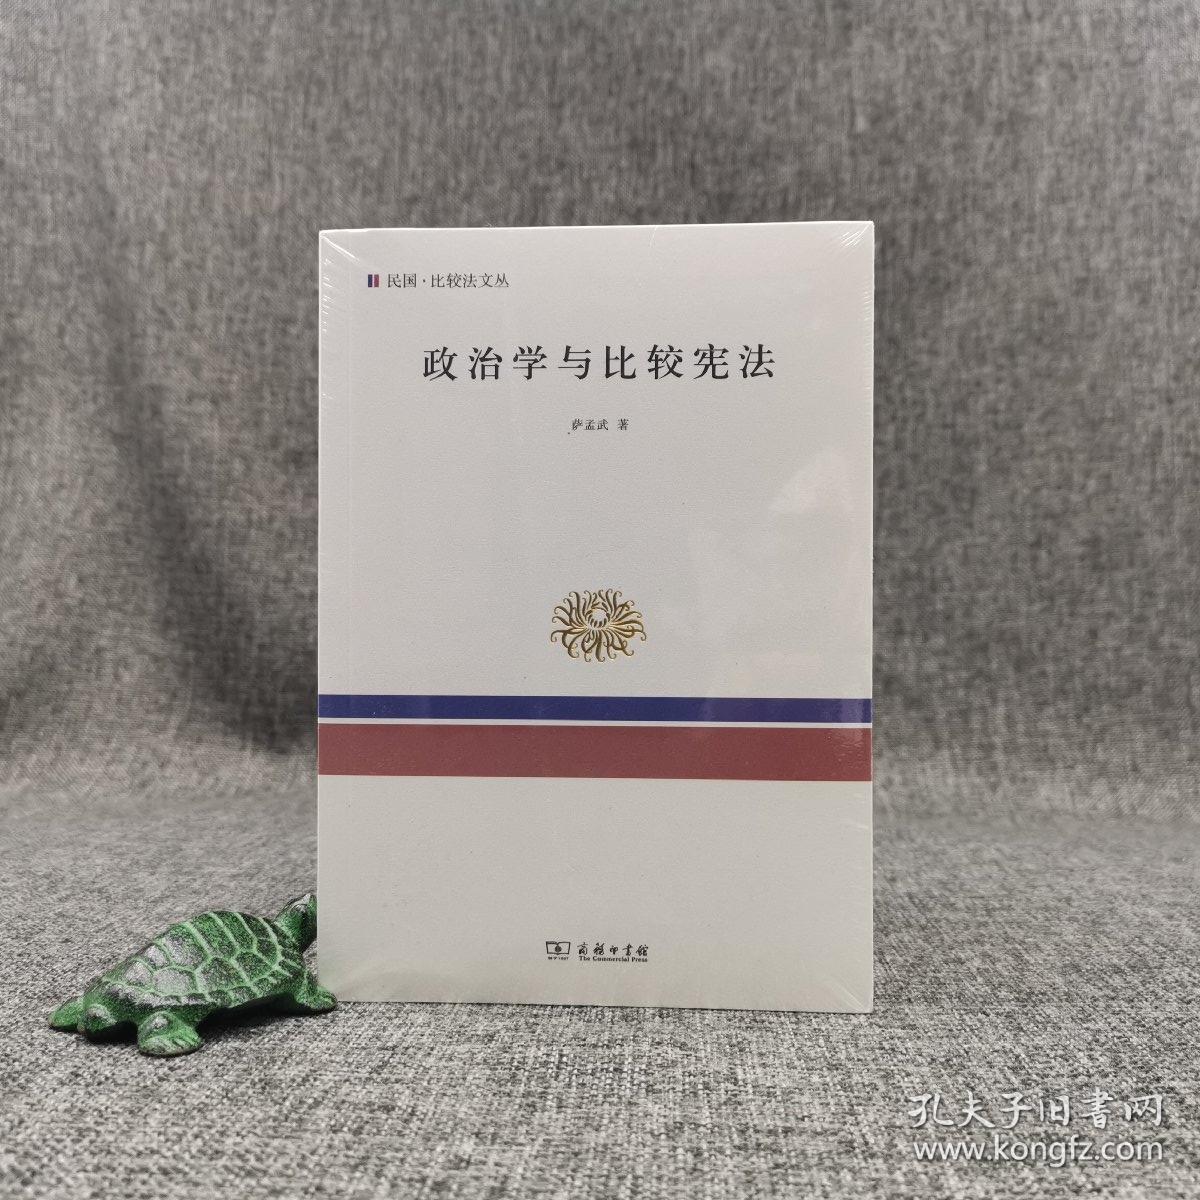 全新特惠· 政治学与比较宪法(萨孟武作品)